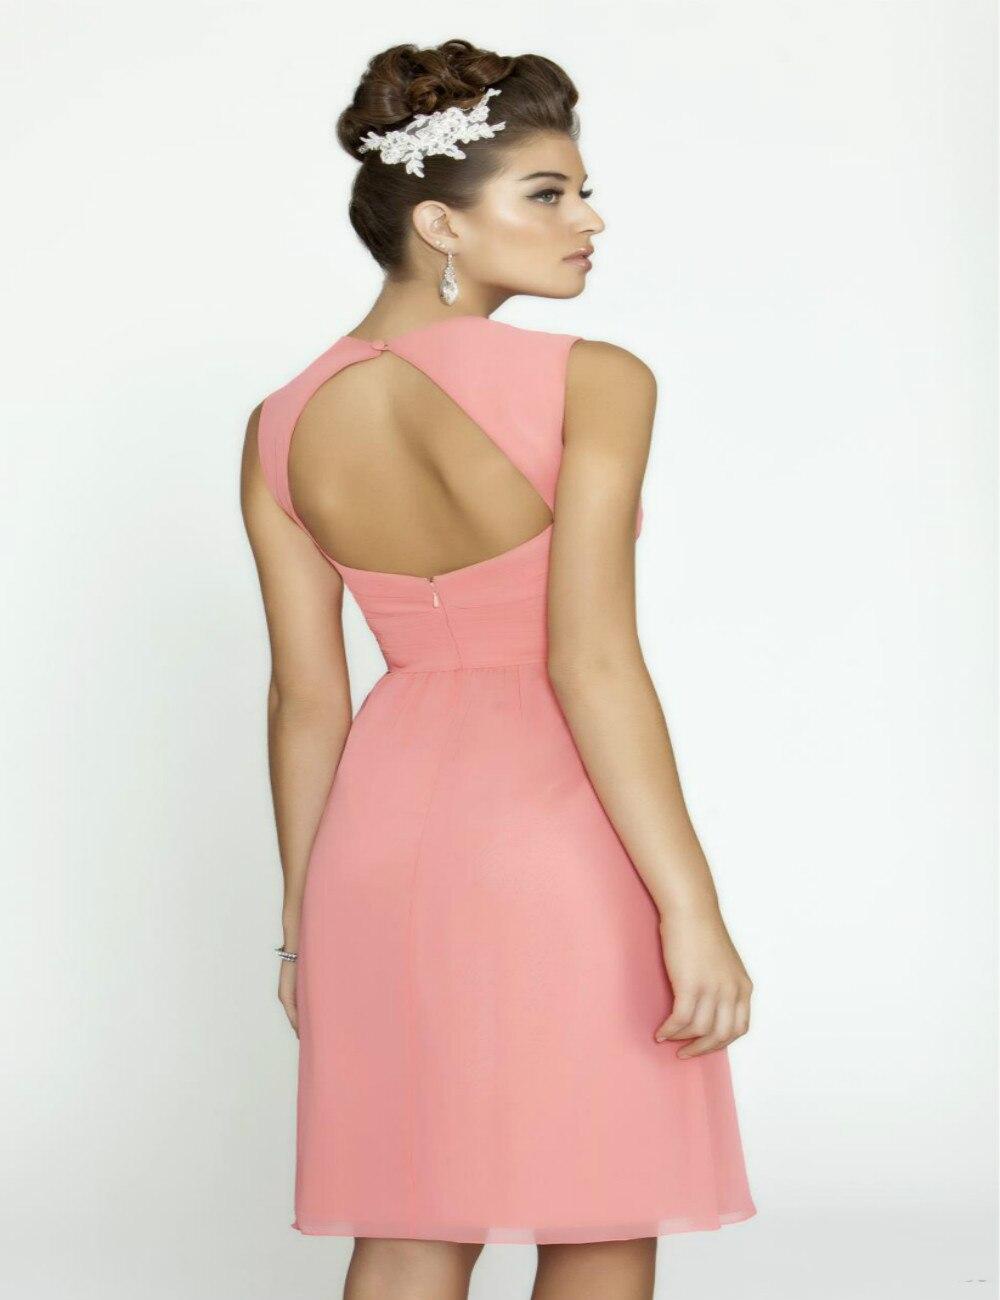 Vistoso Vestido De La Dama De Arrecifes De Coral Fotos - Colección ...